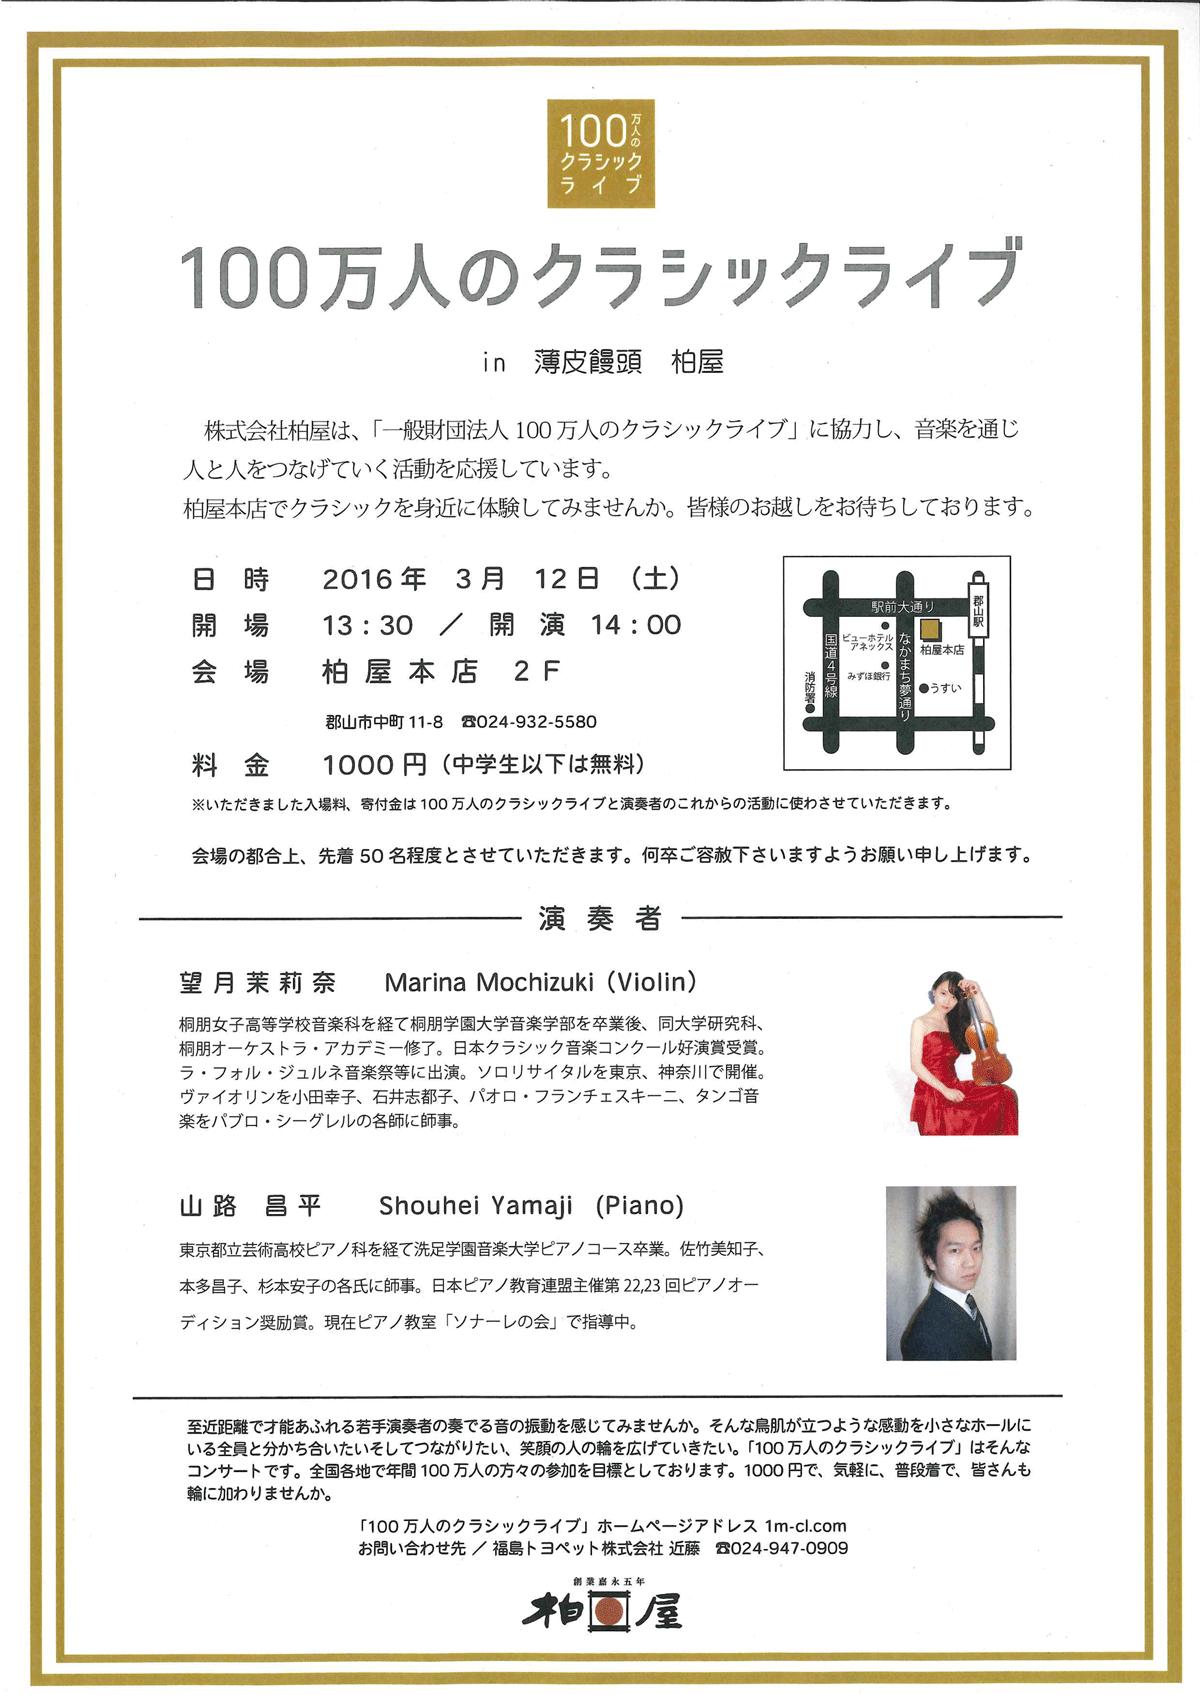 20160312(土)開催100万人のクラシックライブ